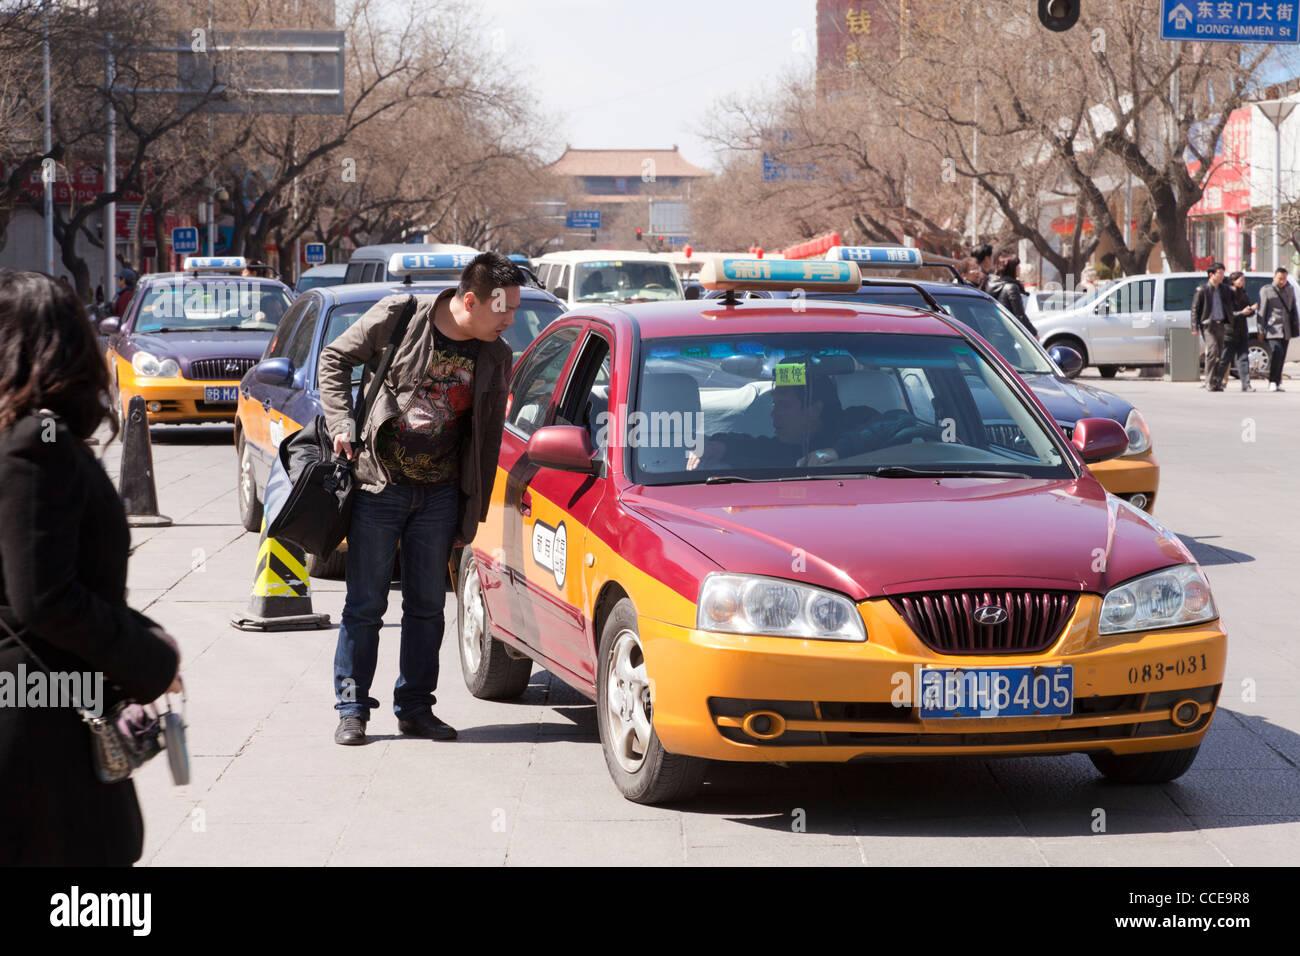 Un homme parle au conducteur d'un taxi dans les rues de Beijing, Chine Photo Stock